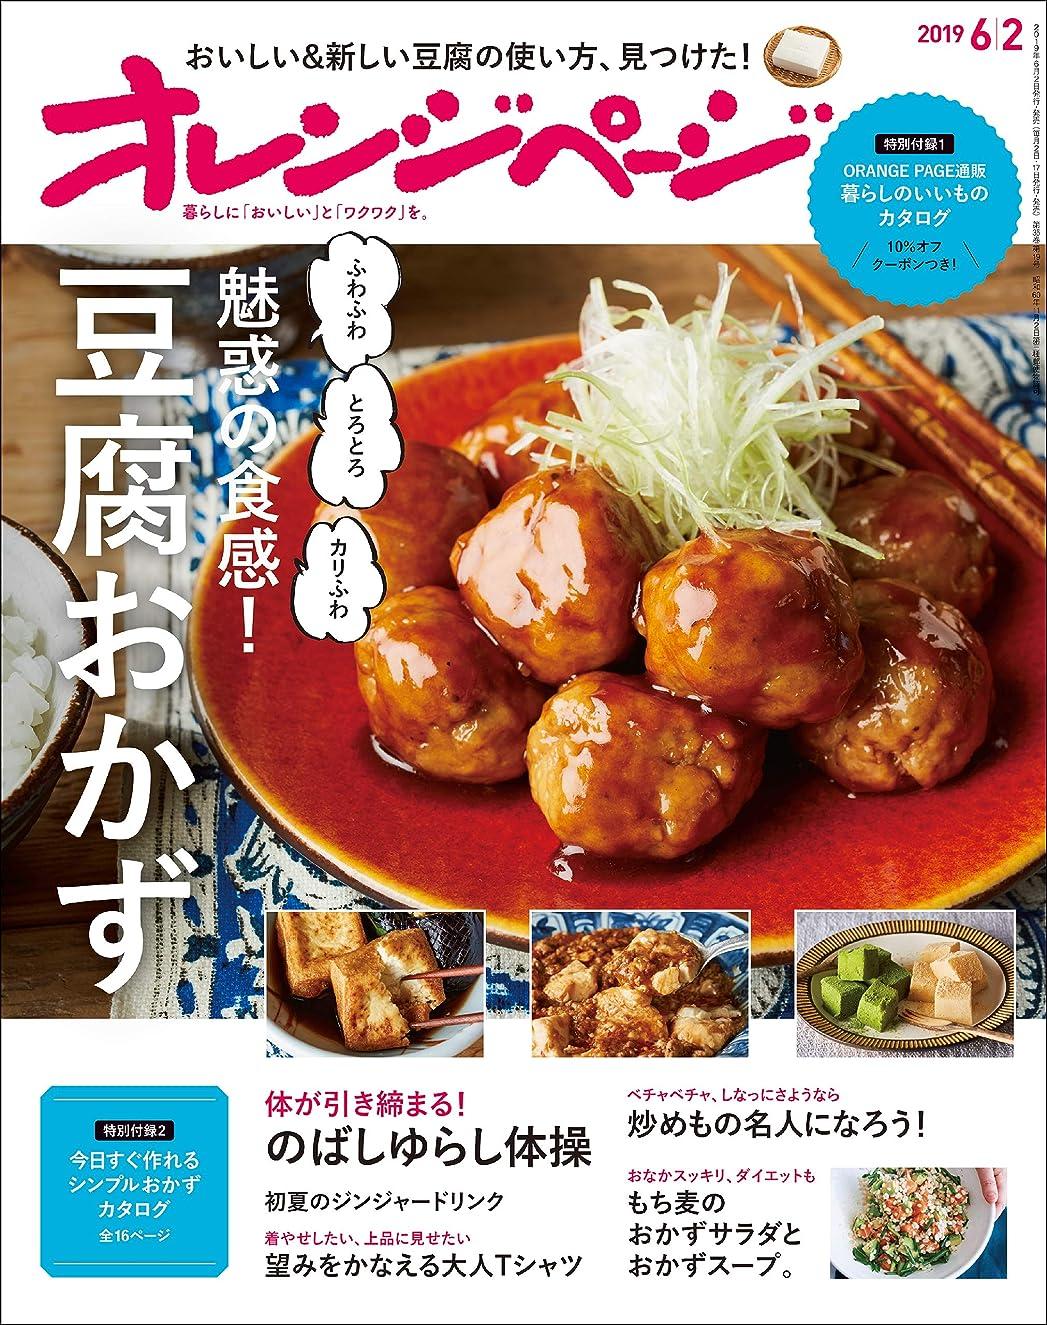 メディックストロー飢オレンジページ 2019年 6/2号 [雑誌]